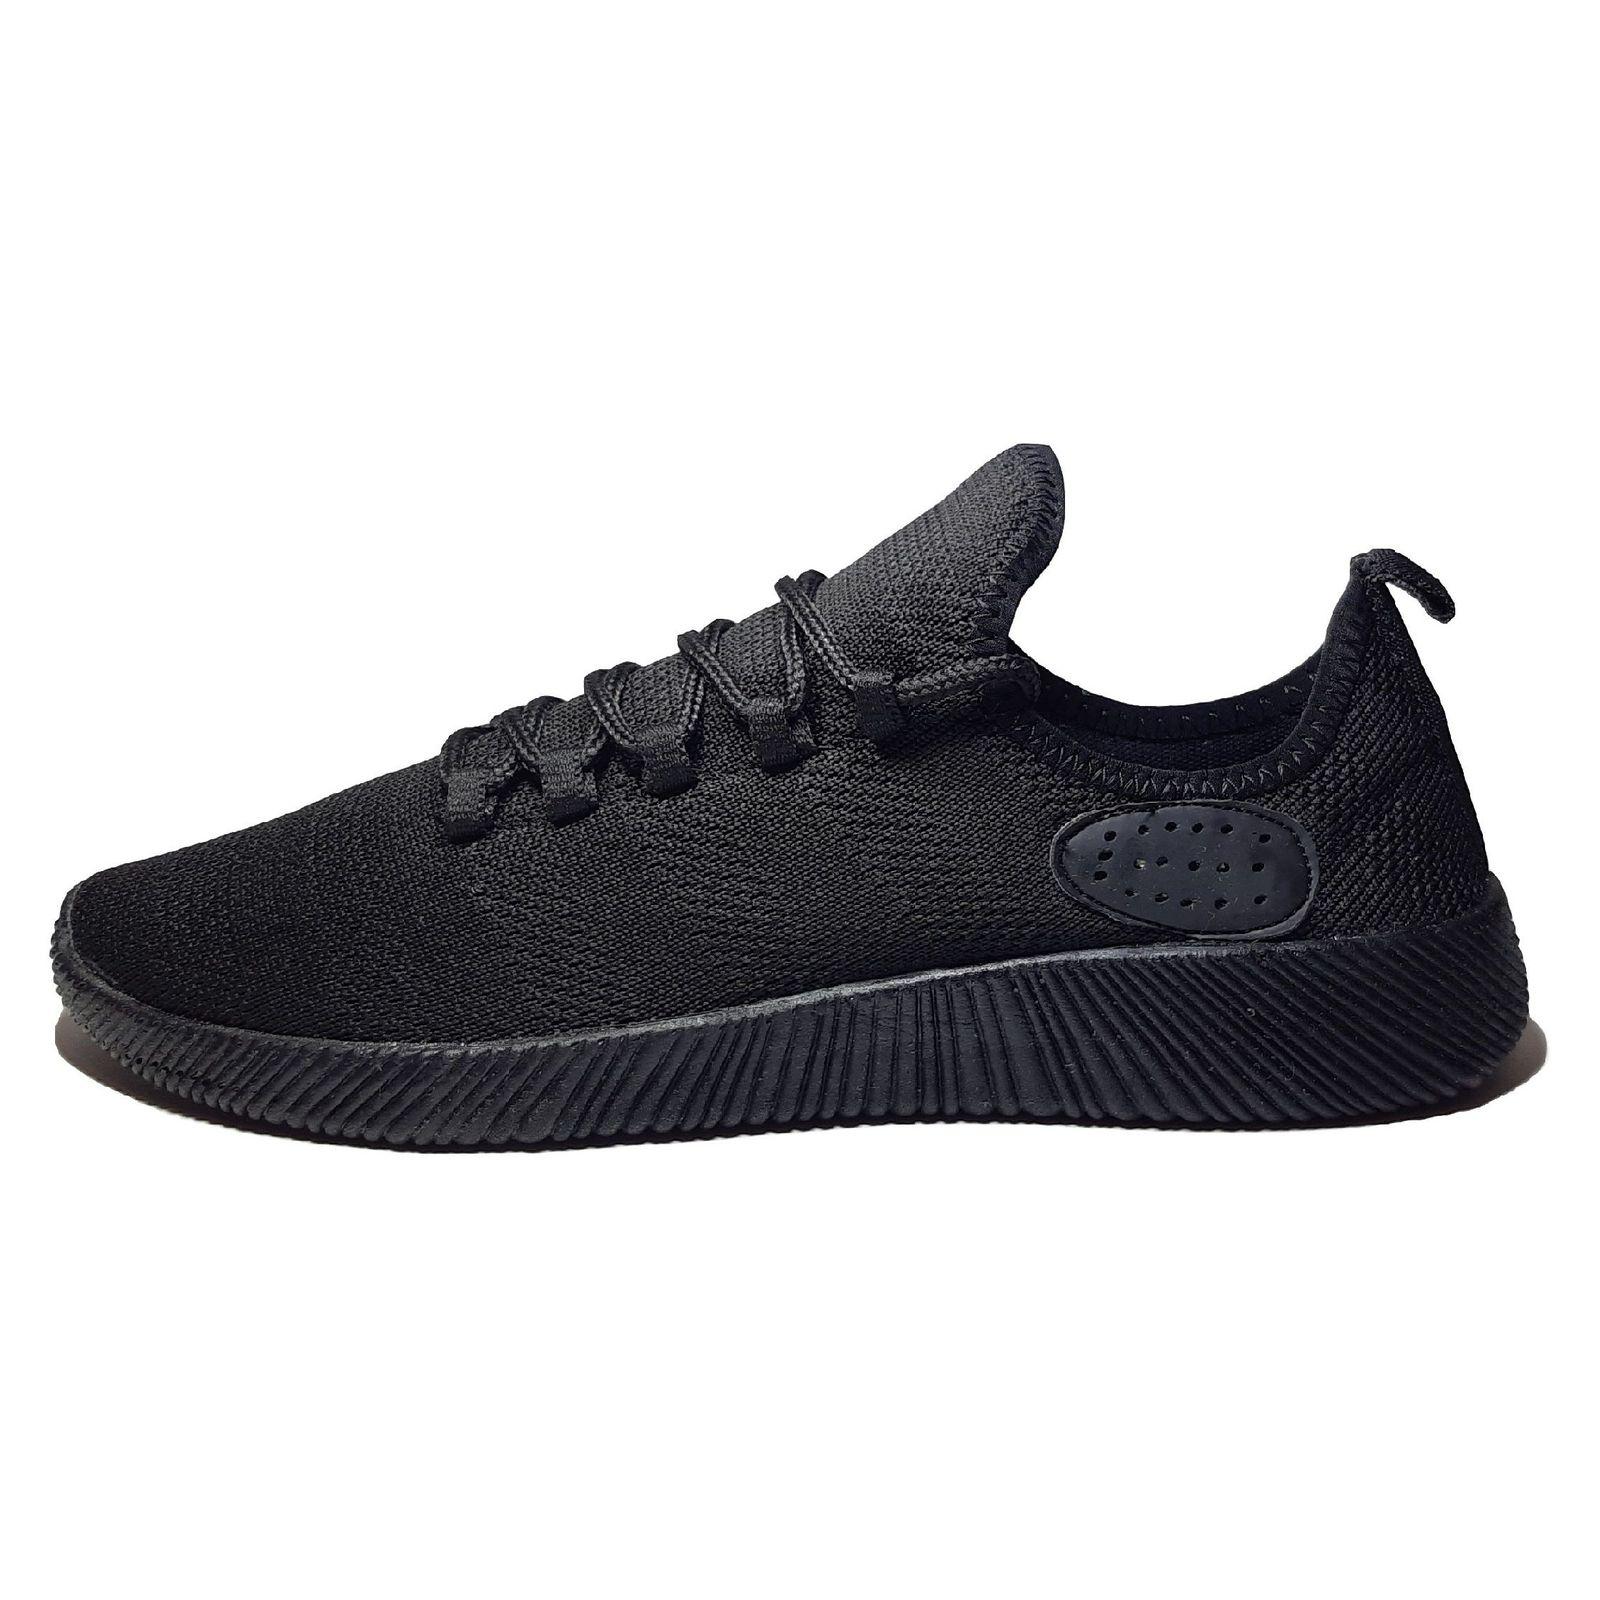 کفش مخصوص پیاده روی زنانه مدل Dharma Black W main 1 1